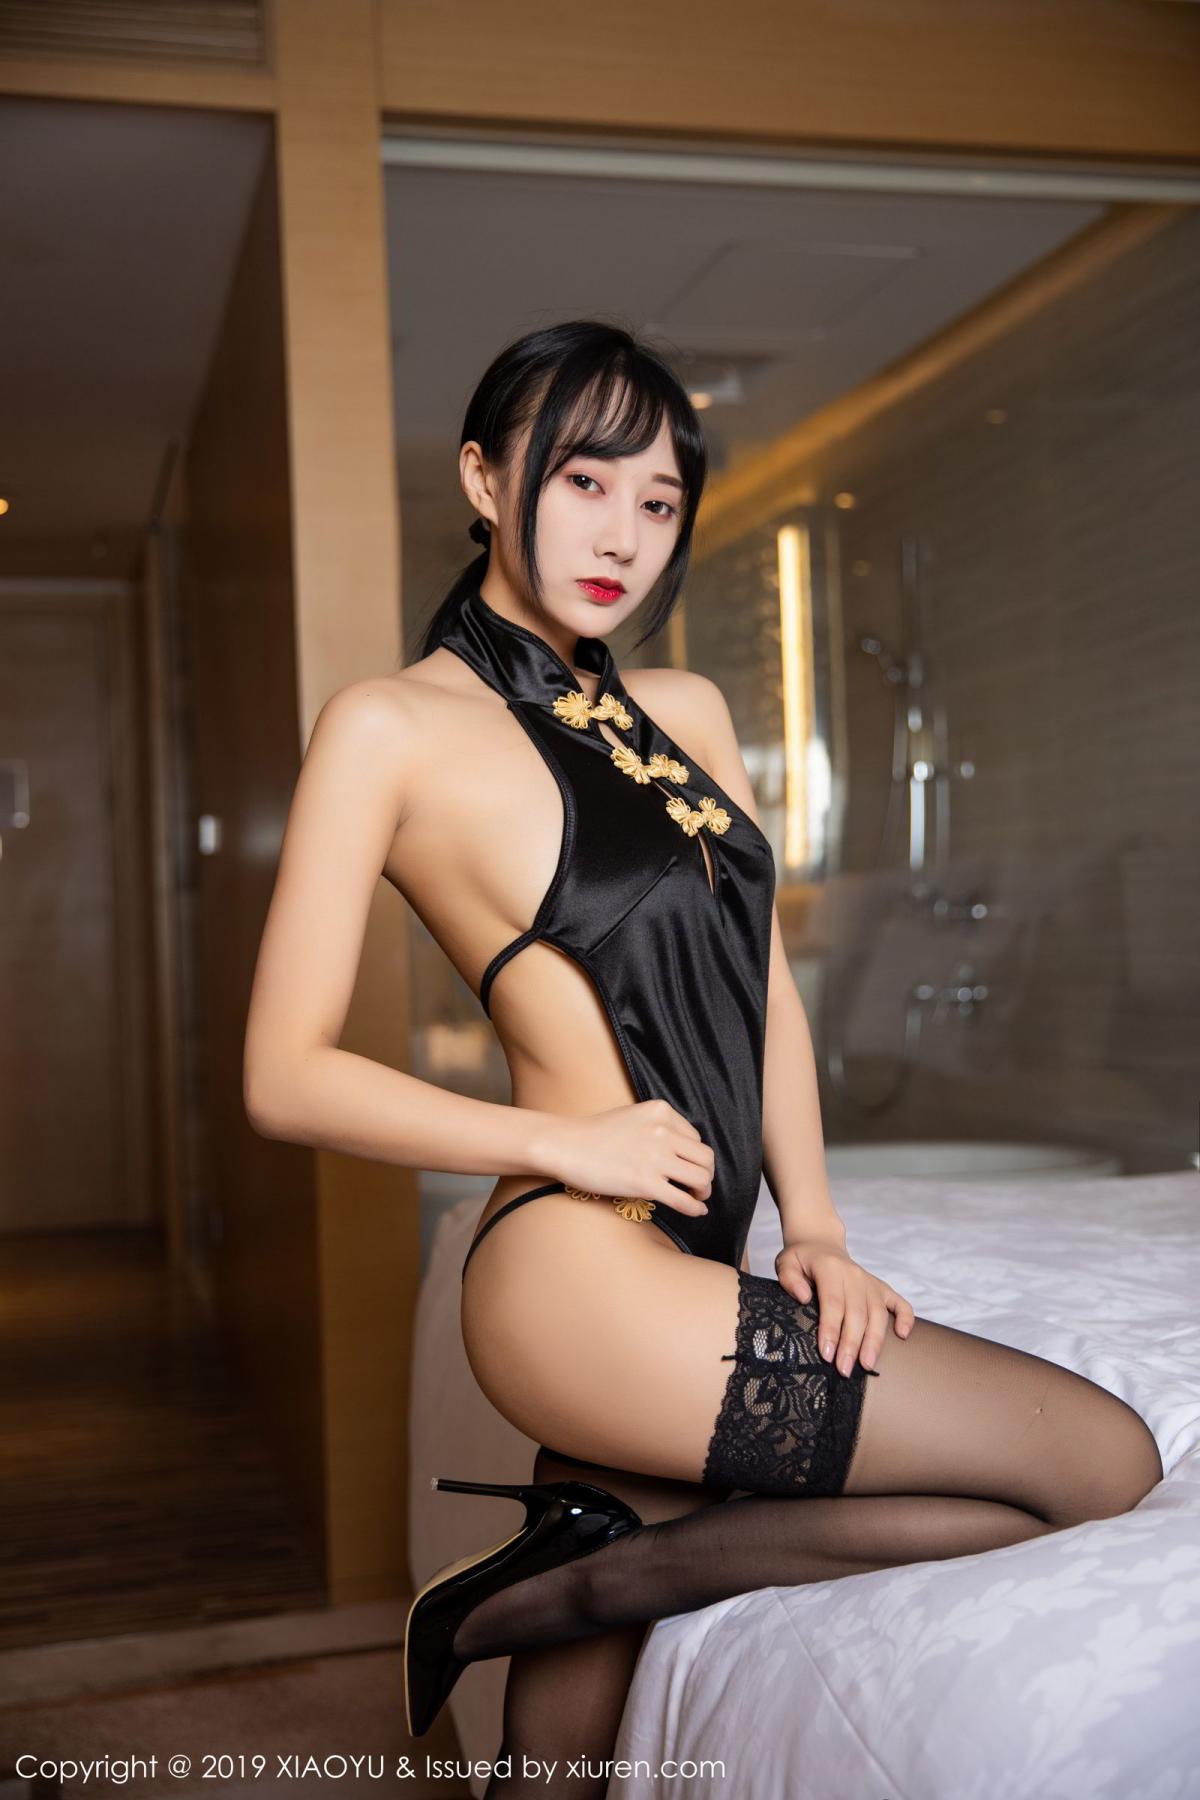 [XiaoYu] Vol.170 He Jia Ying 12P, He Jia Ying, Tall, XiaoYu